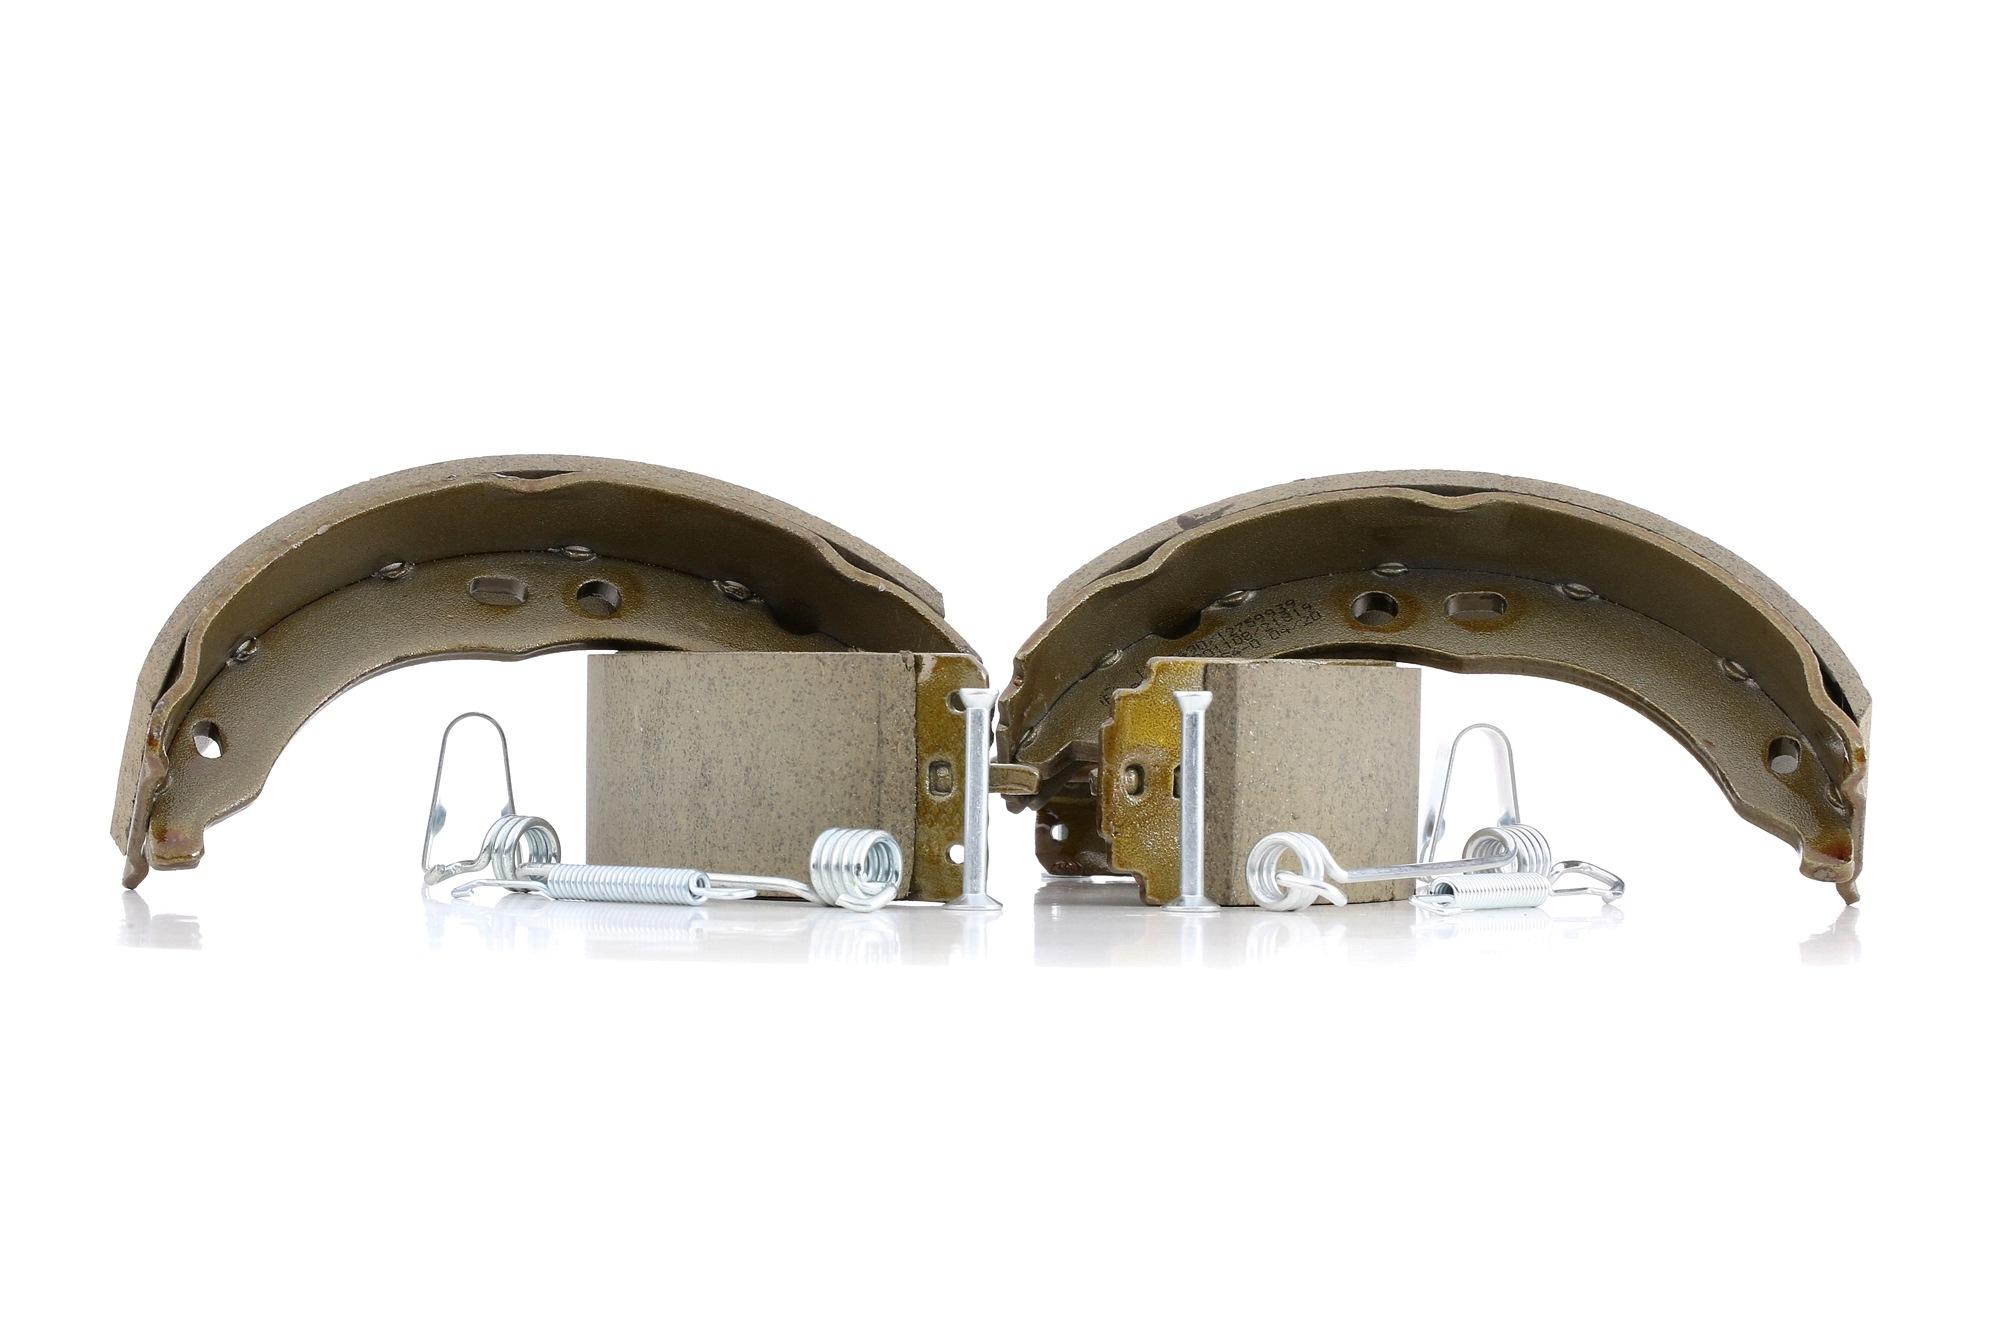 RIDEX: Original Bremsbacken für Trommelbremse 70B0331 (Breite: 42mm)